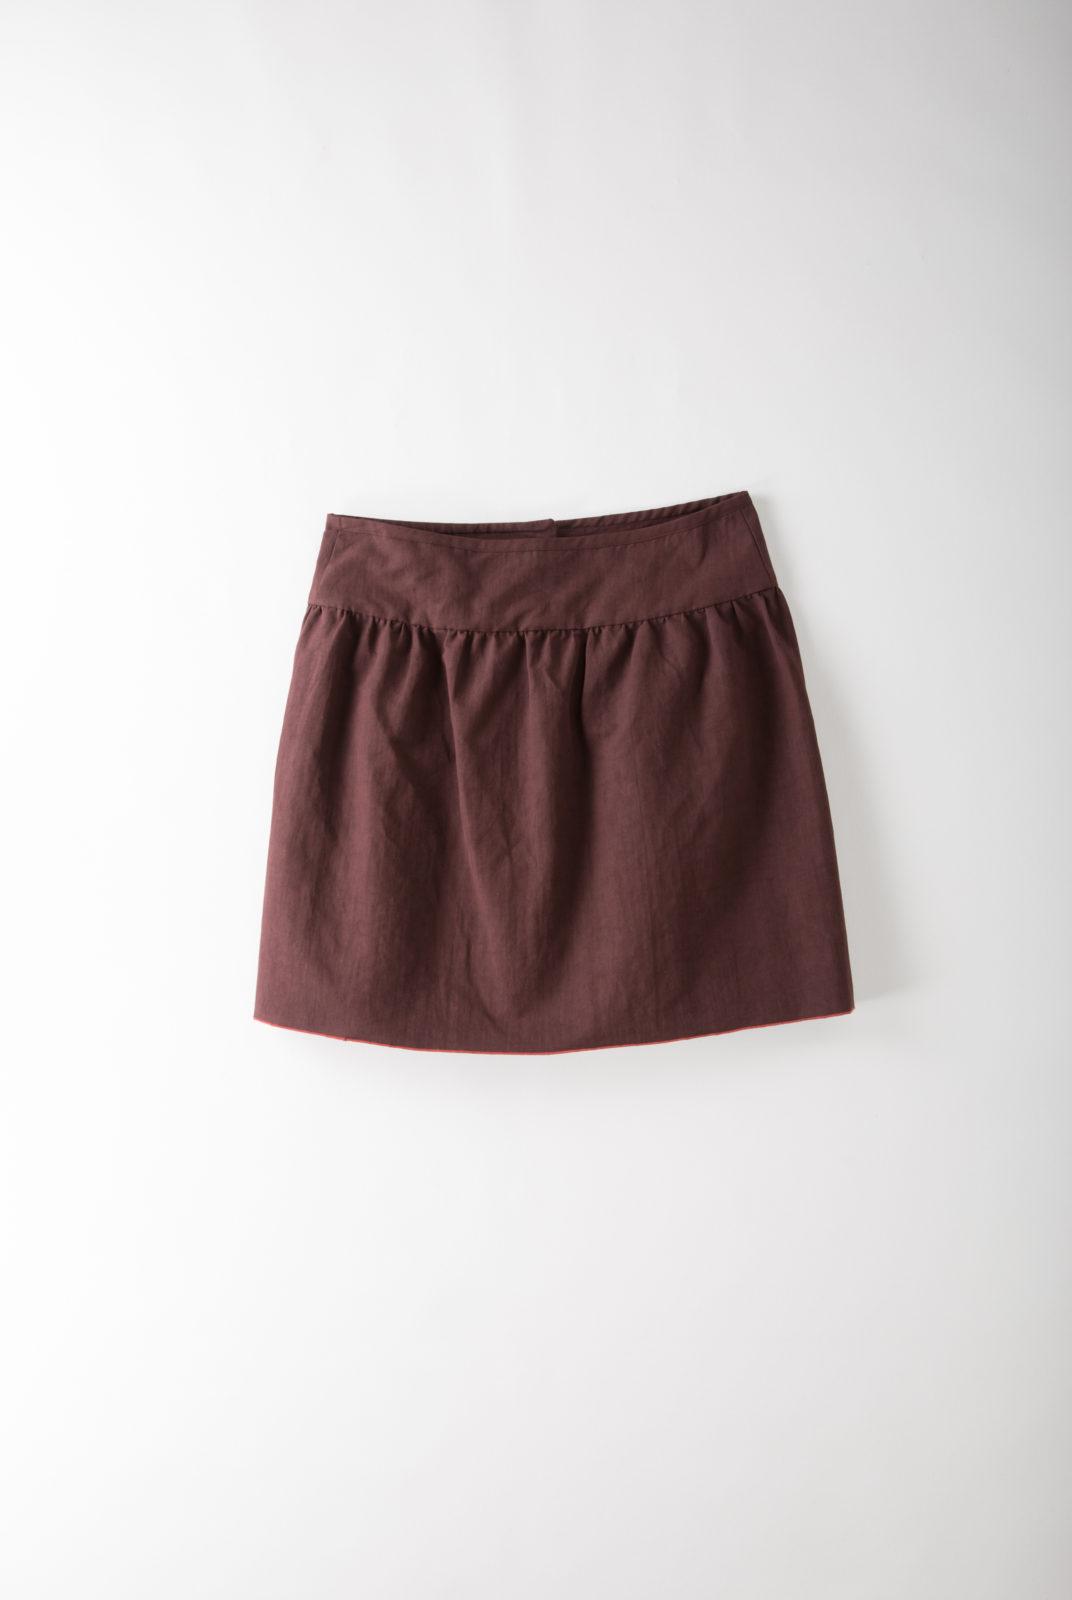 jupe, bordeaux, toile lin-coton, coupe évasée, fermeture boutonnée, apc